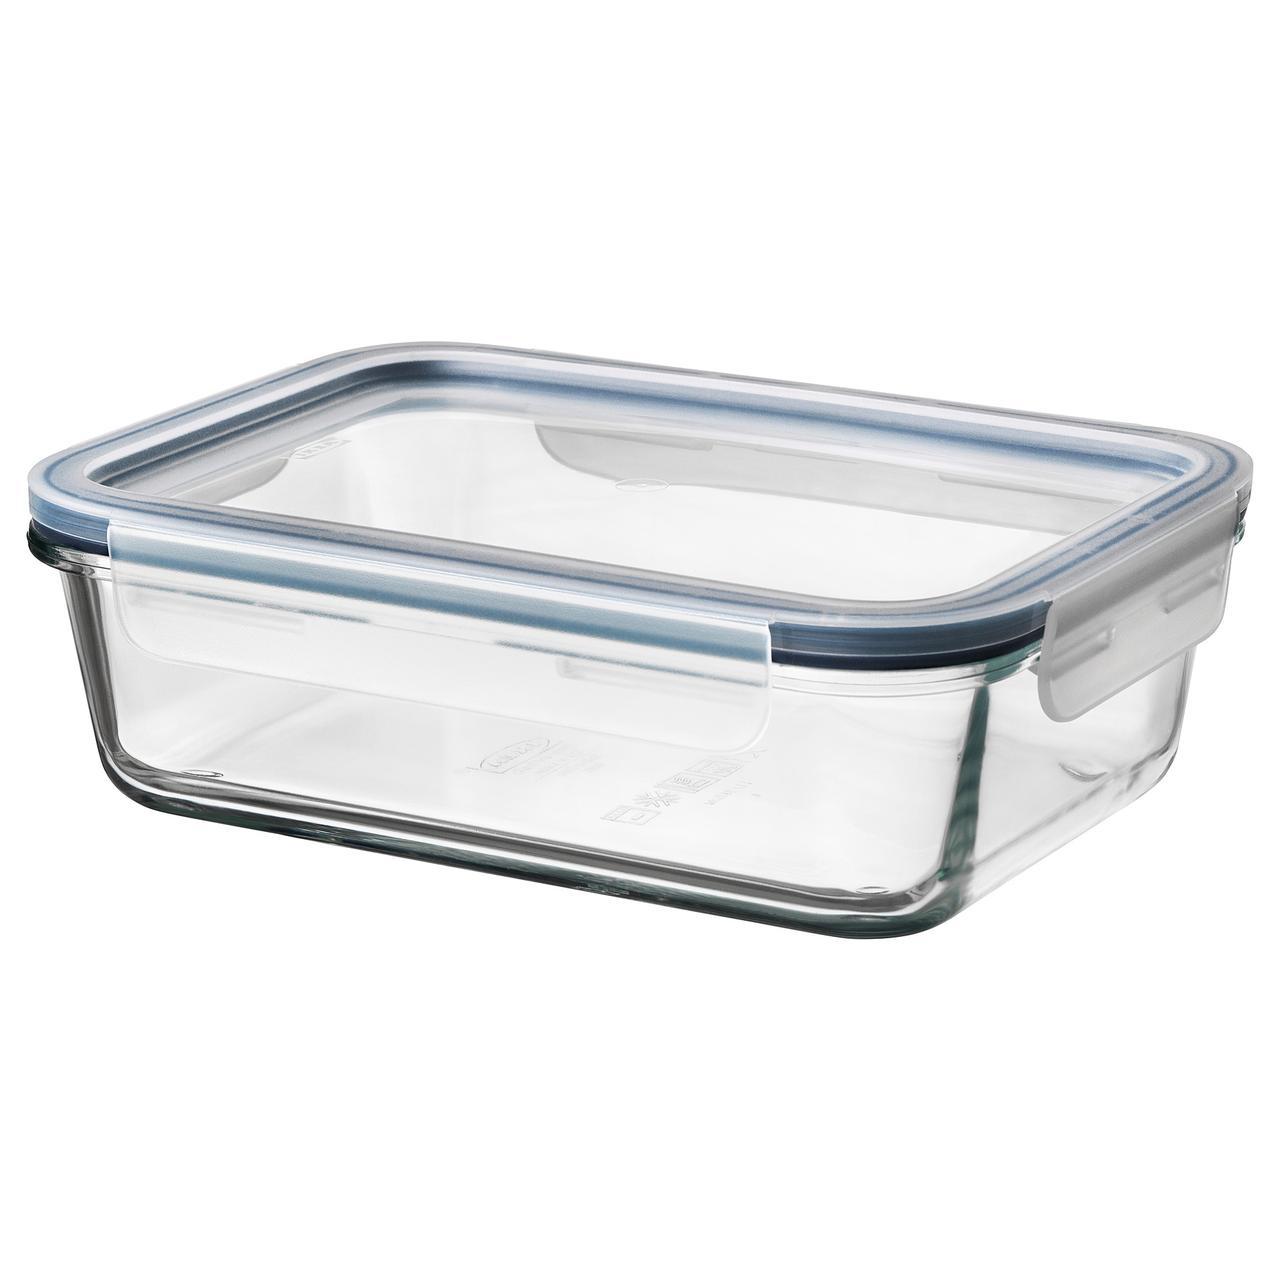 ИКЕА/365+ Контейнер для продуктов с крышкой, прямоугольн формы стекло, пластик стекло